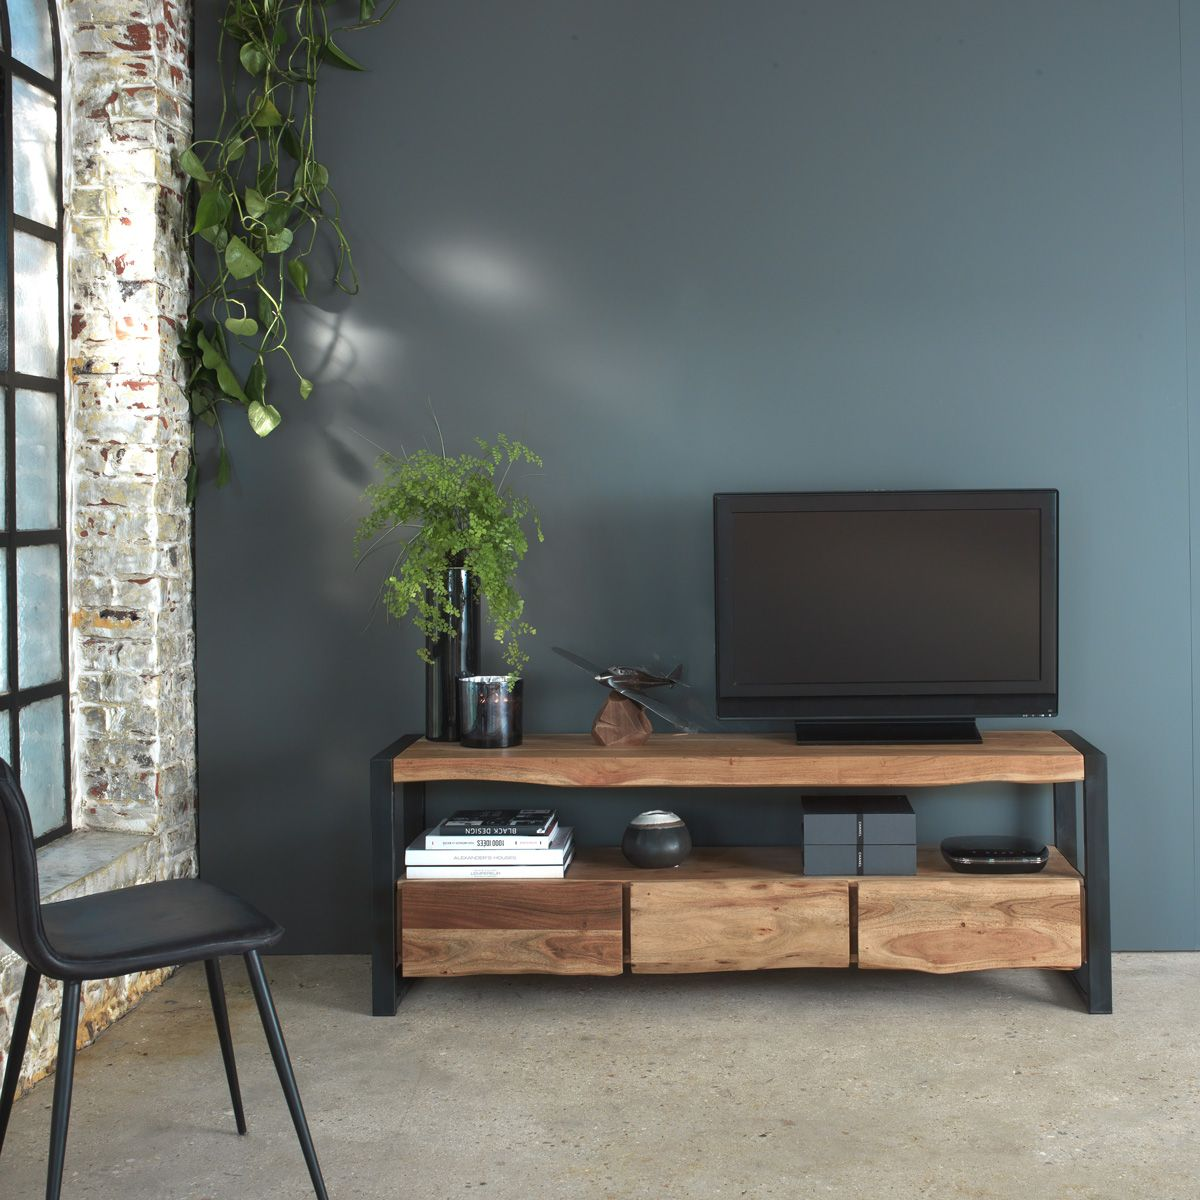 Meuble Tv Style Tronc Arbre Pieds Metal 3 Tiroirs Mobilier De Salon Meuble Idee Meuble Tv